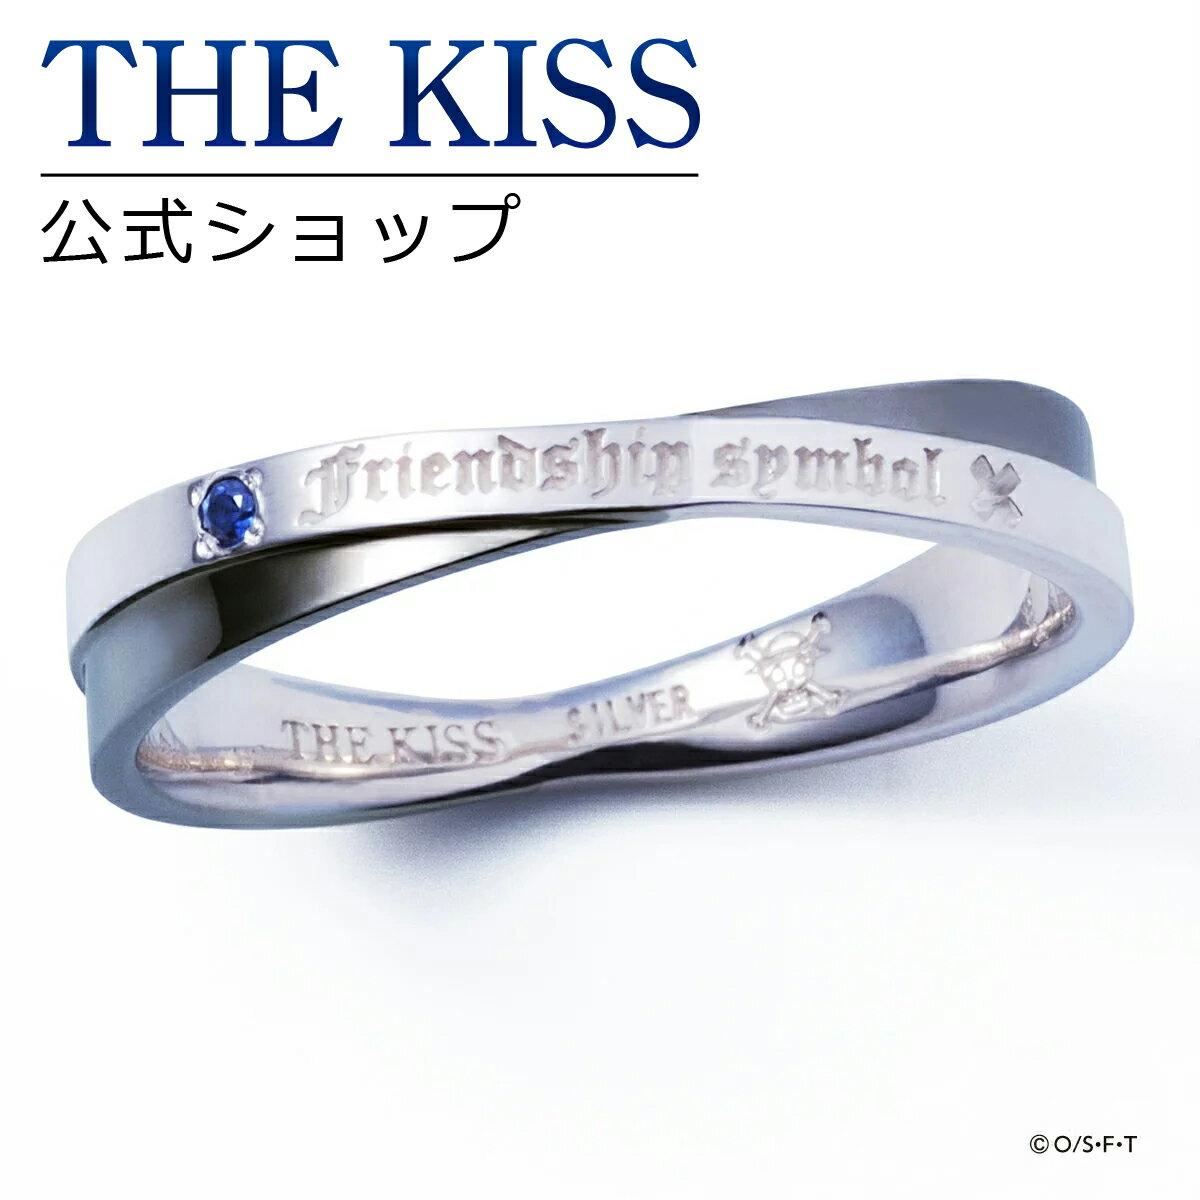 ペアアクセサリー, ペアリング ONE PIECE Ver. THE KISS - SILVER Pair Ring couple